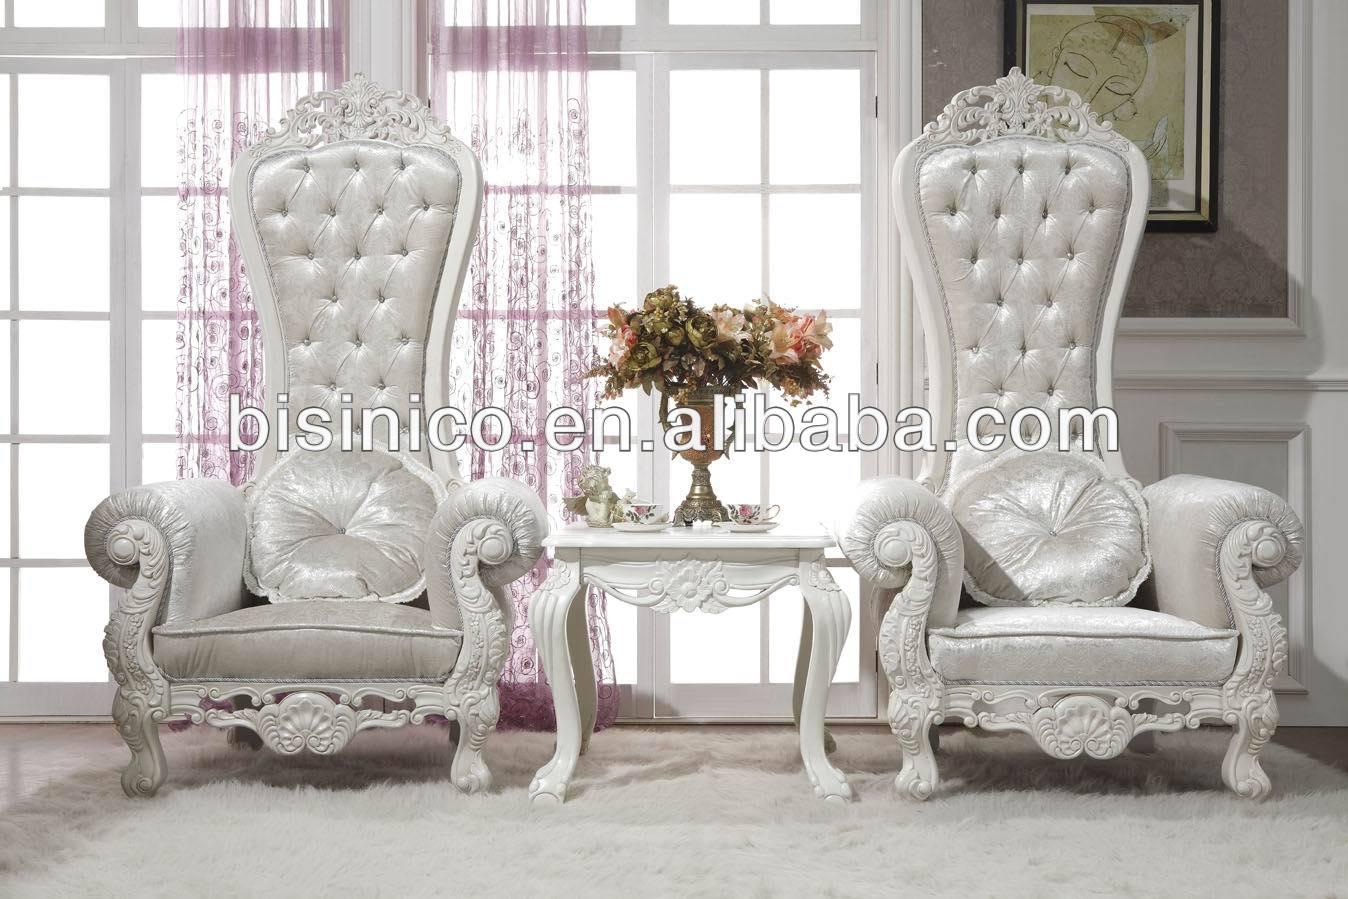 Design Meubles De Salon Alibaba